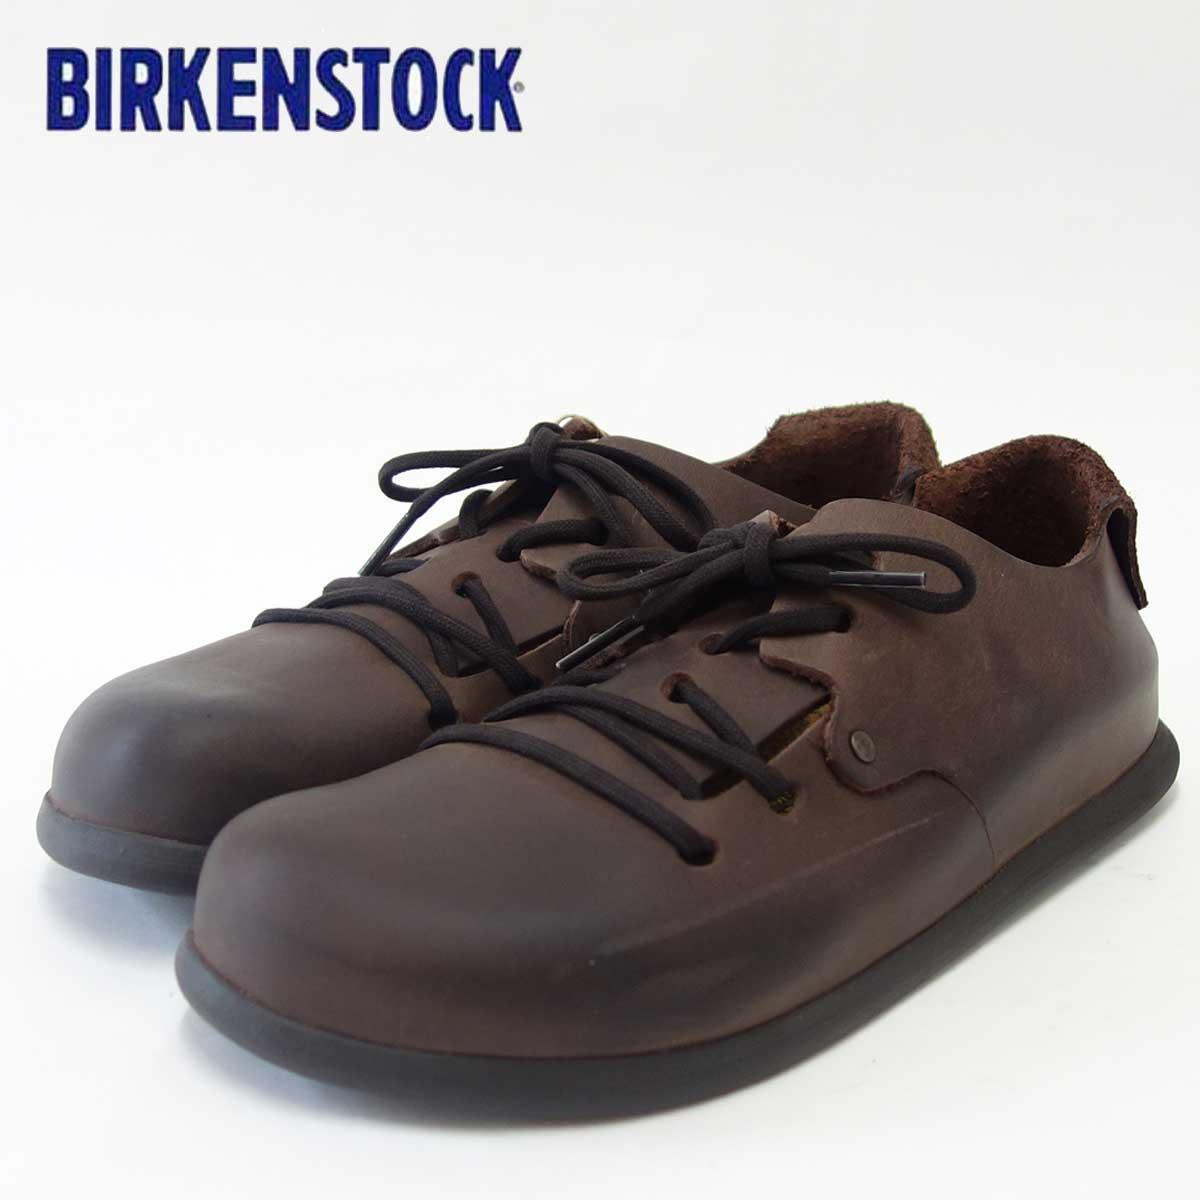 BIRKENSTOCK(ビルケンシュトック) Montana(モンタナ)ユニセックス 199243(オイルレザー/ハバナ)ドイツ生まれの快適シューズ「靴」